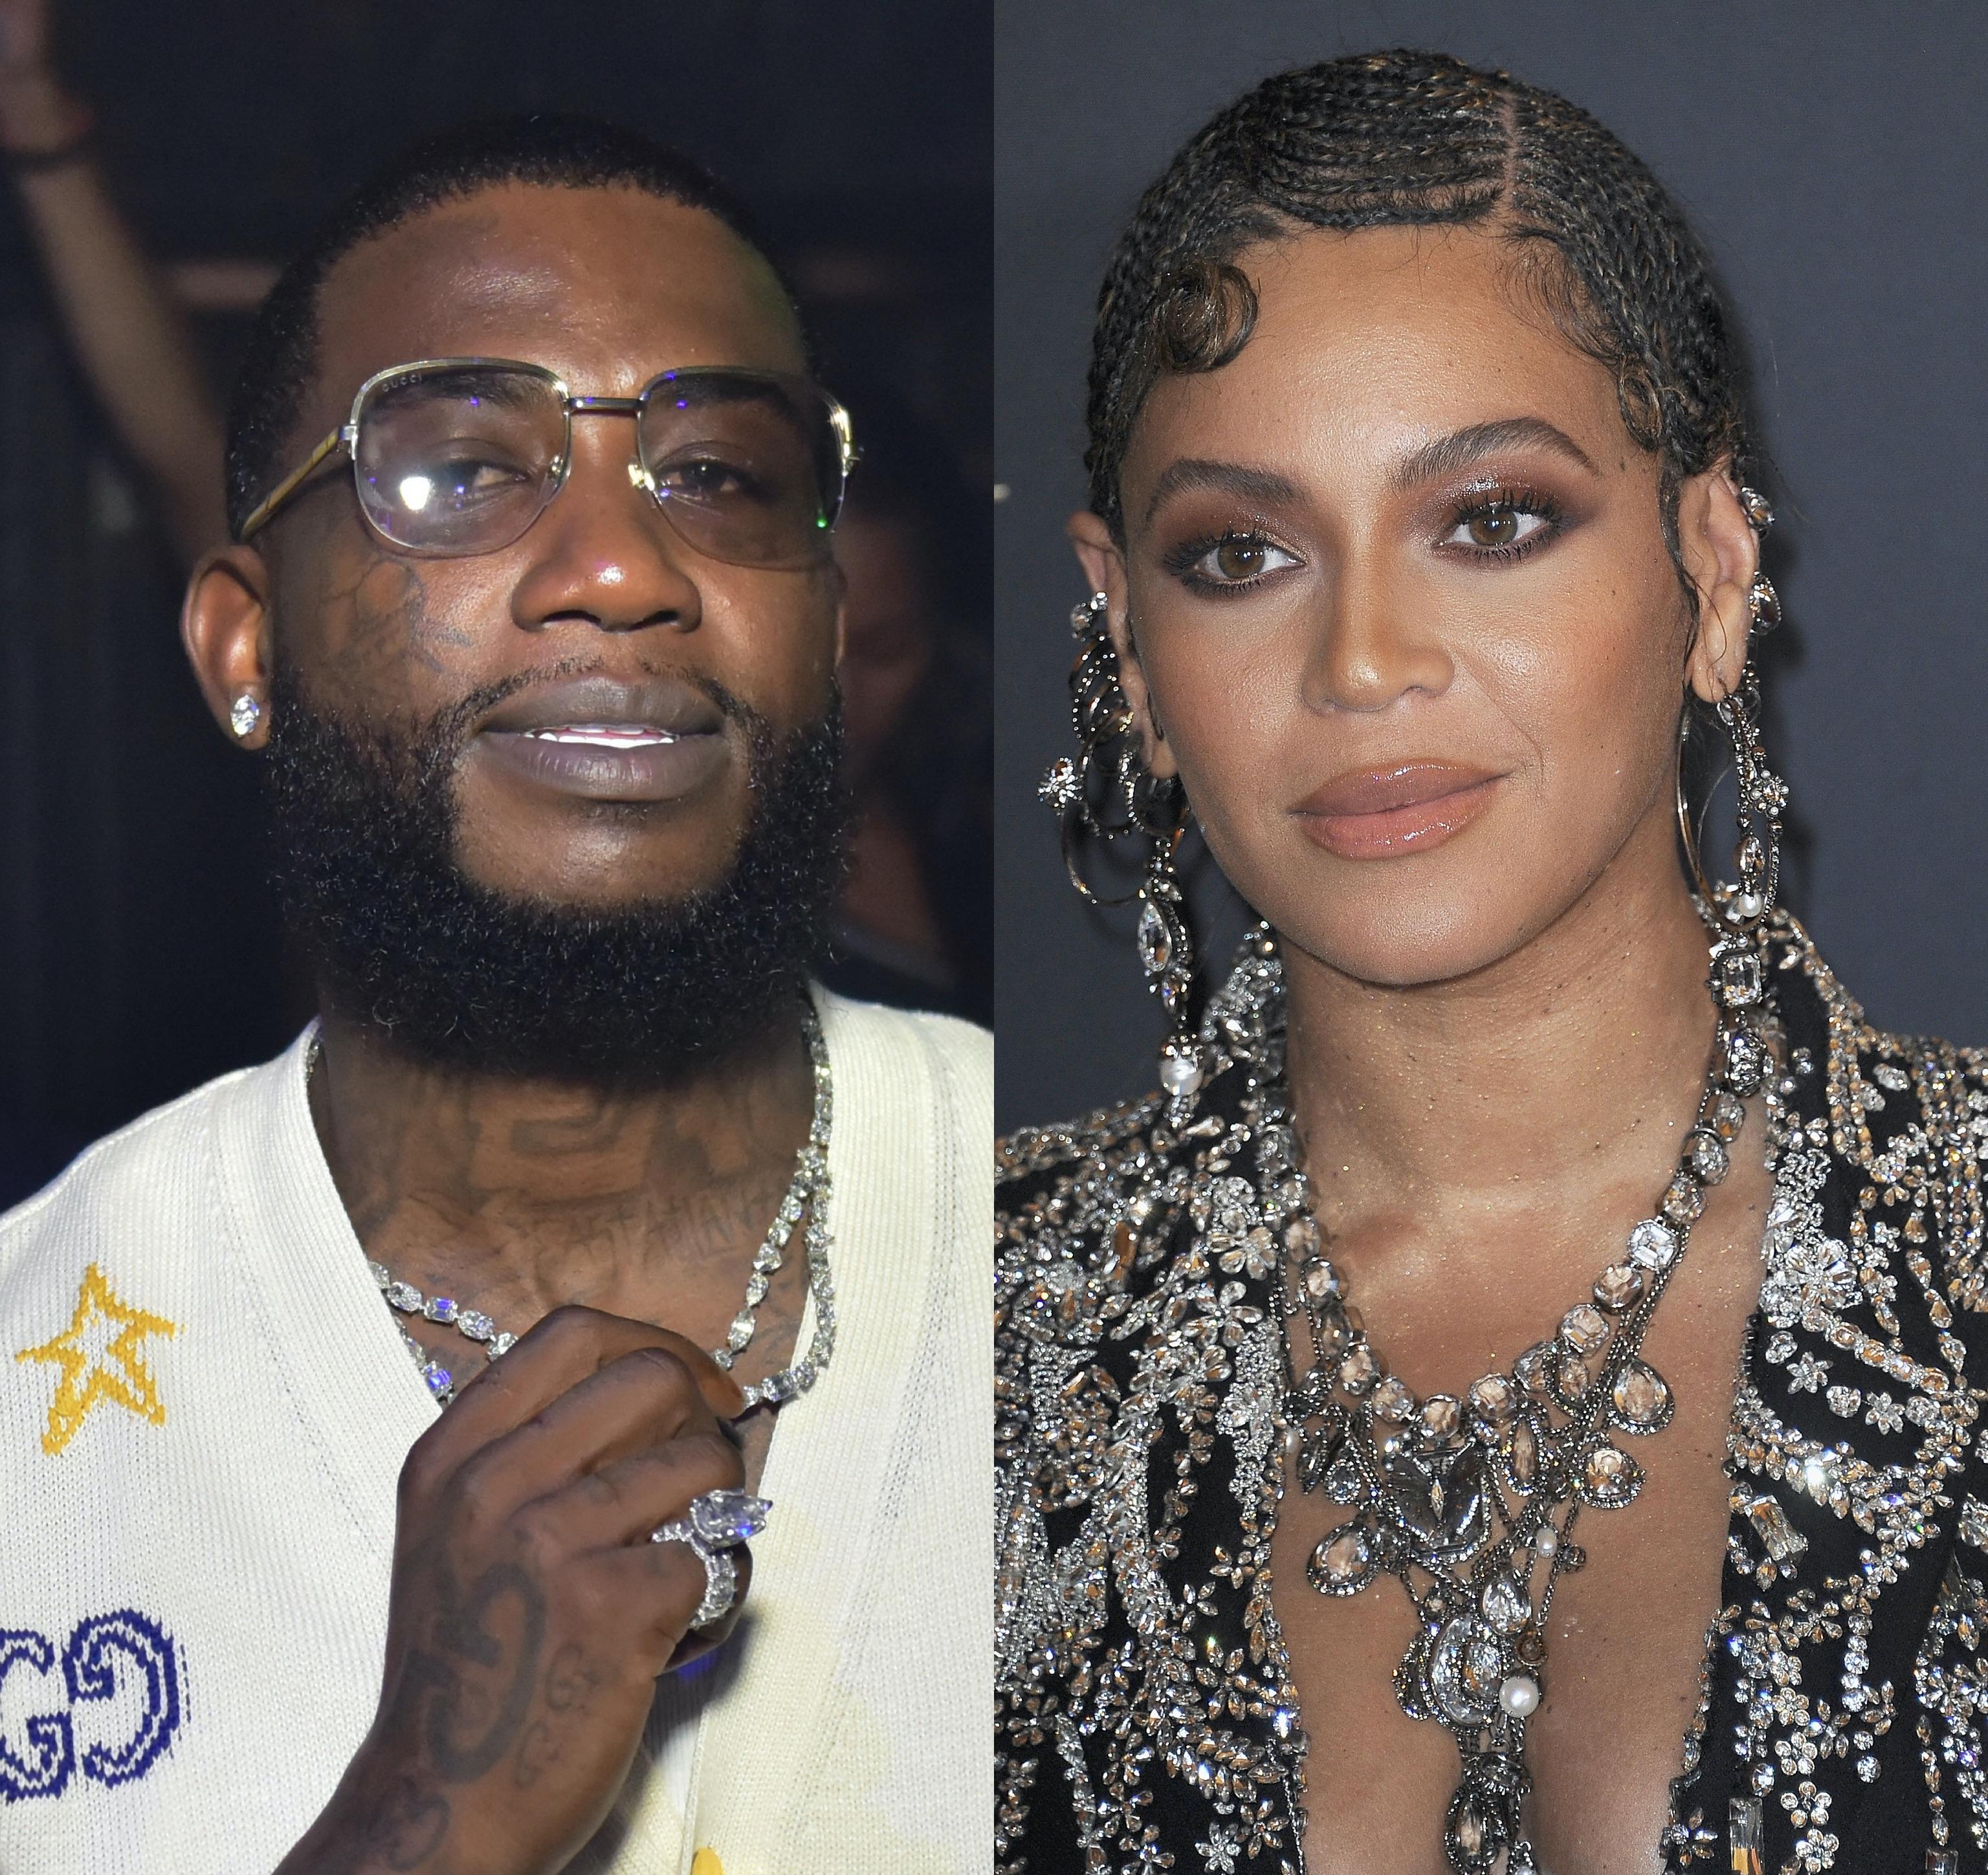 Gucci Mane and Beyoncé